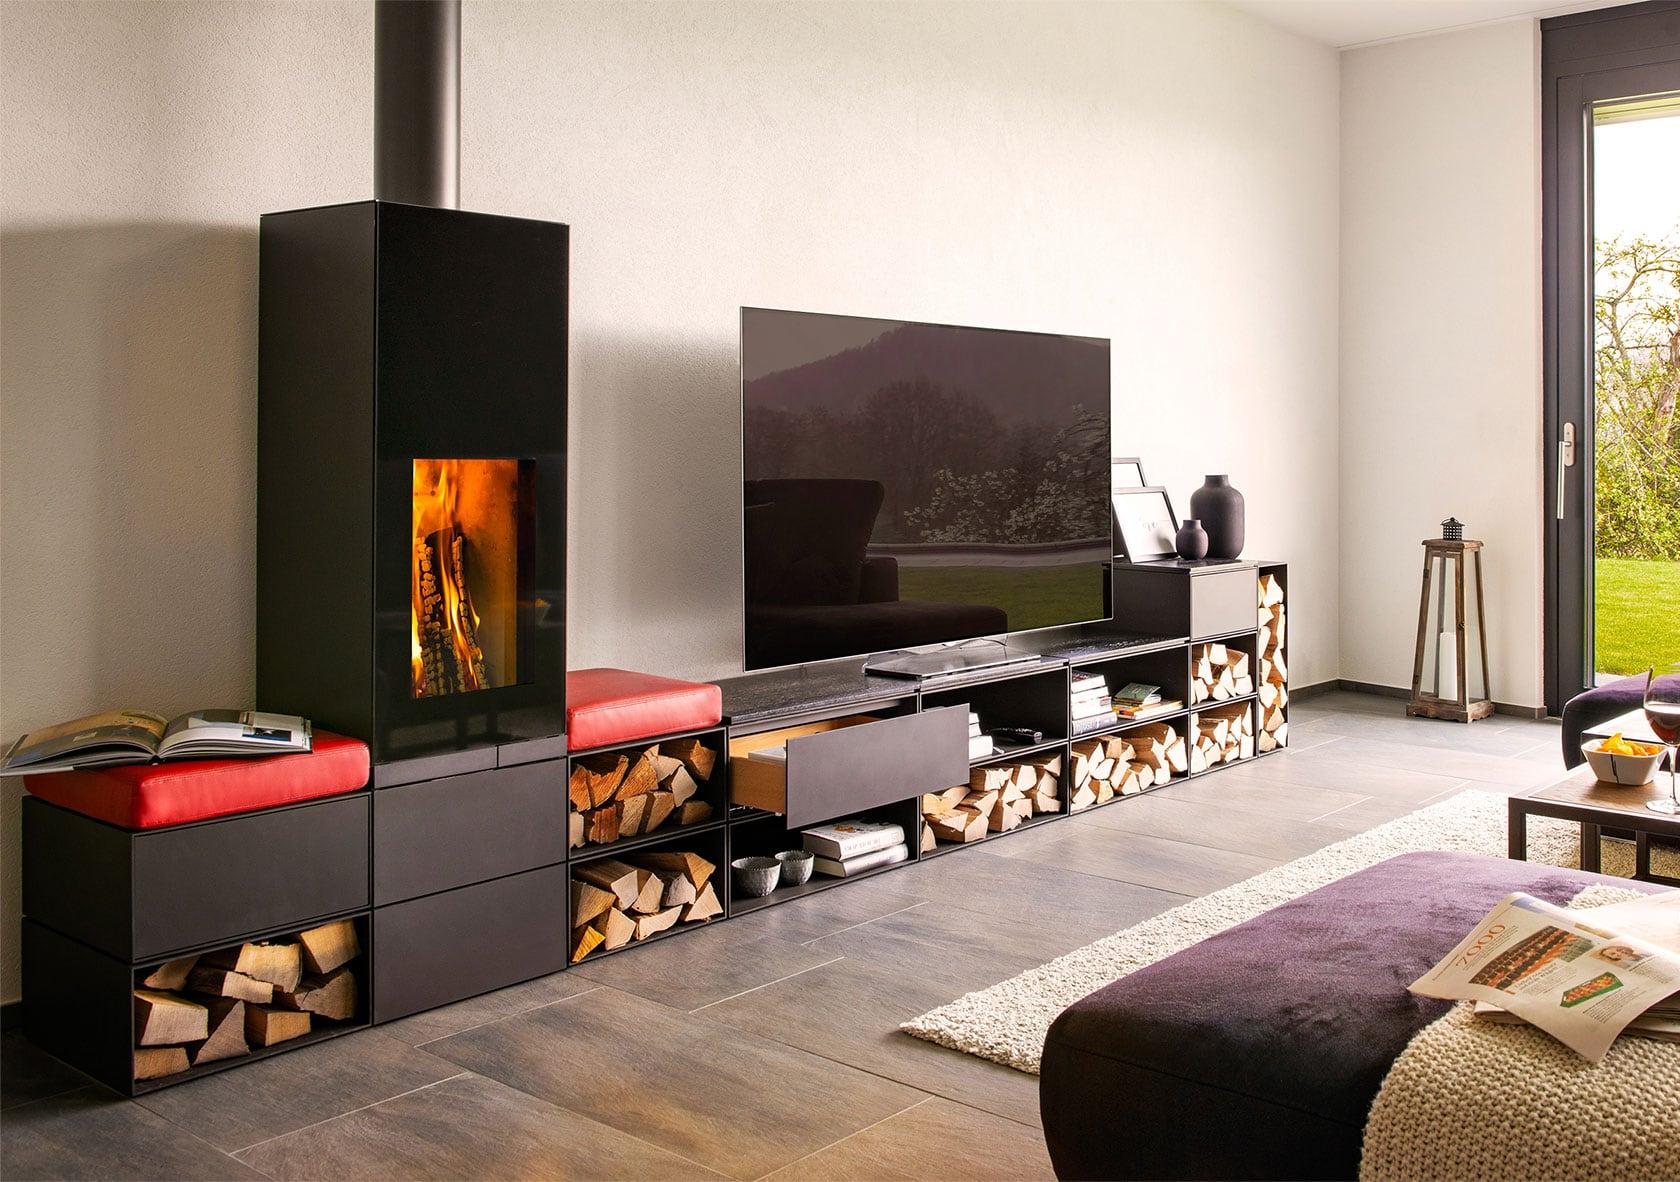 Bild eines Ofens neben einem Fernseher